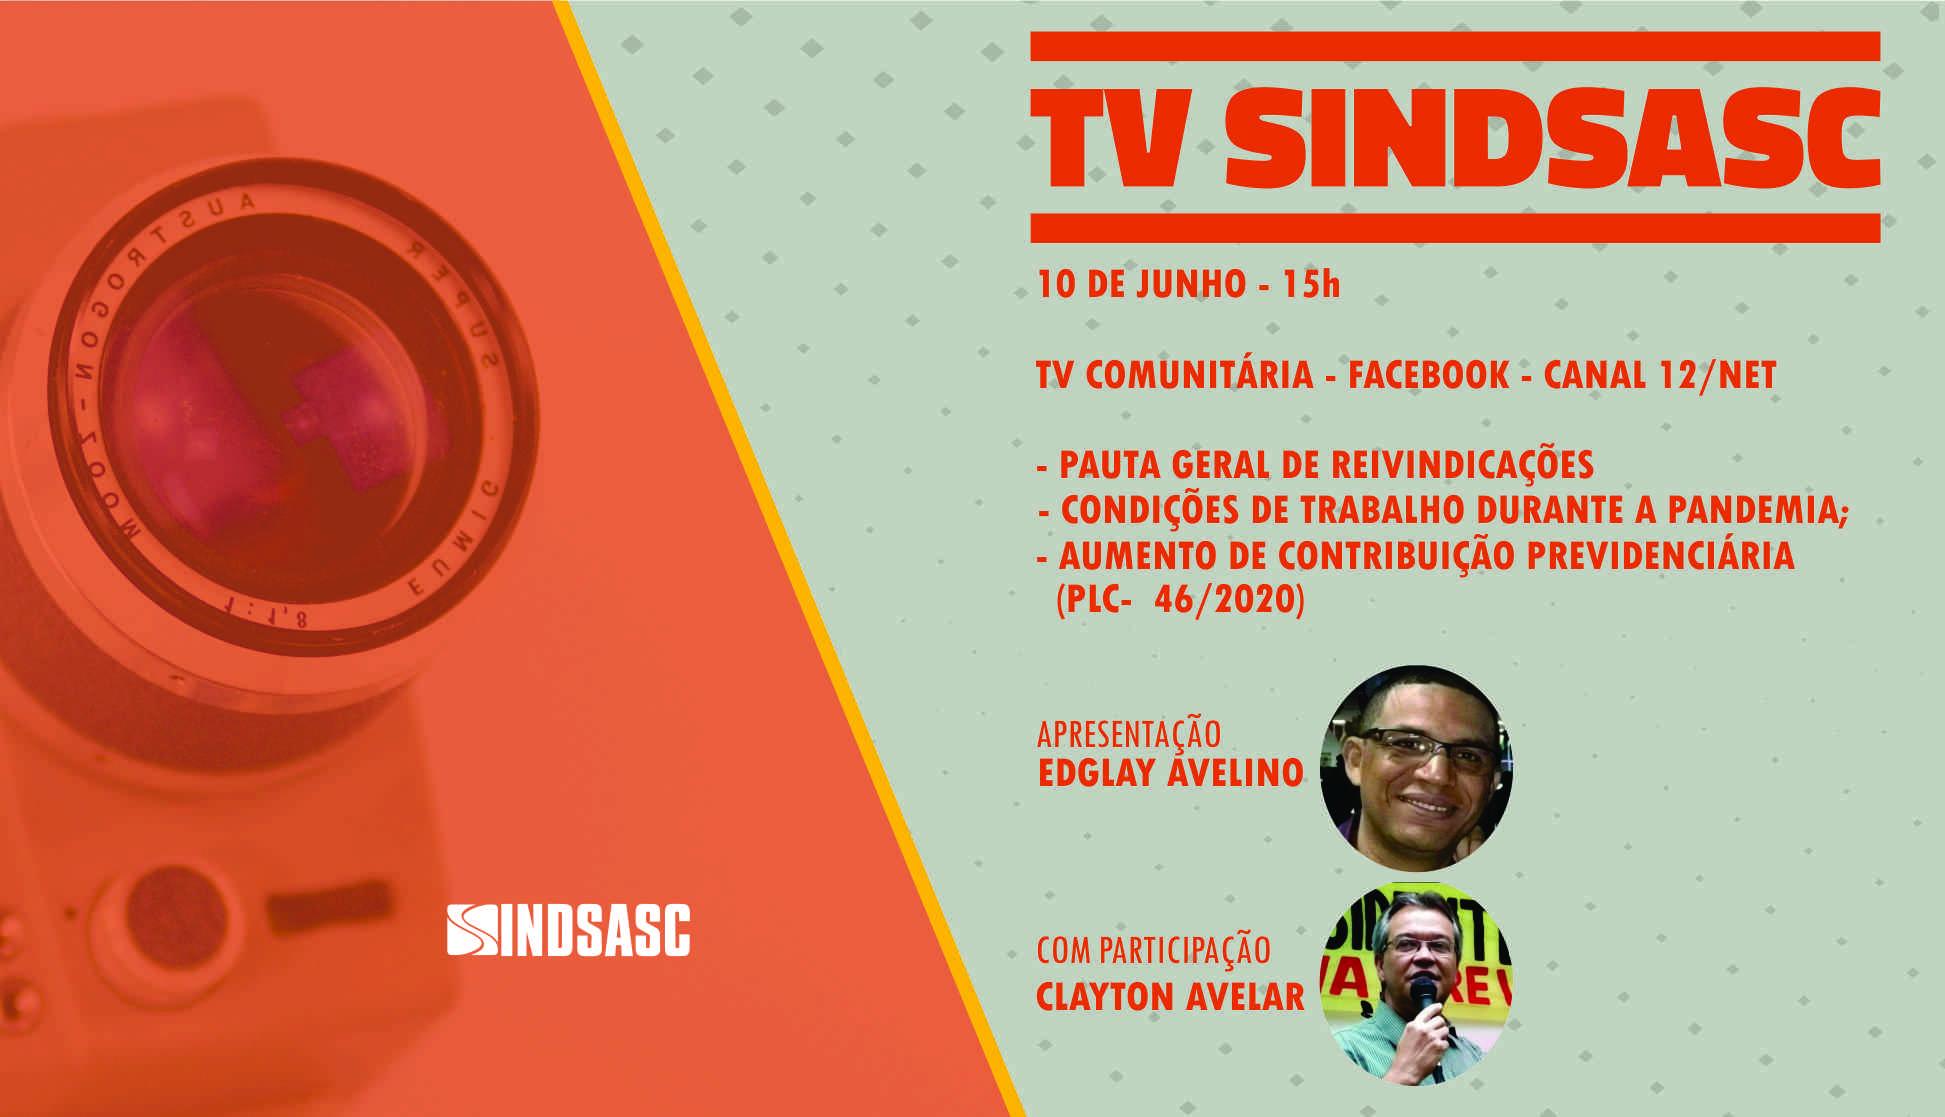 TV SINDSASC COM EDGLAY AVELINO E PARTICIPAÇÃO DE CLAYTON AVELAR